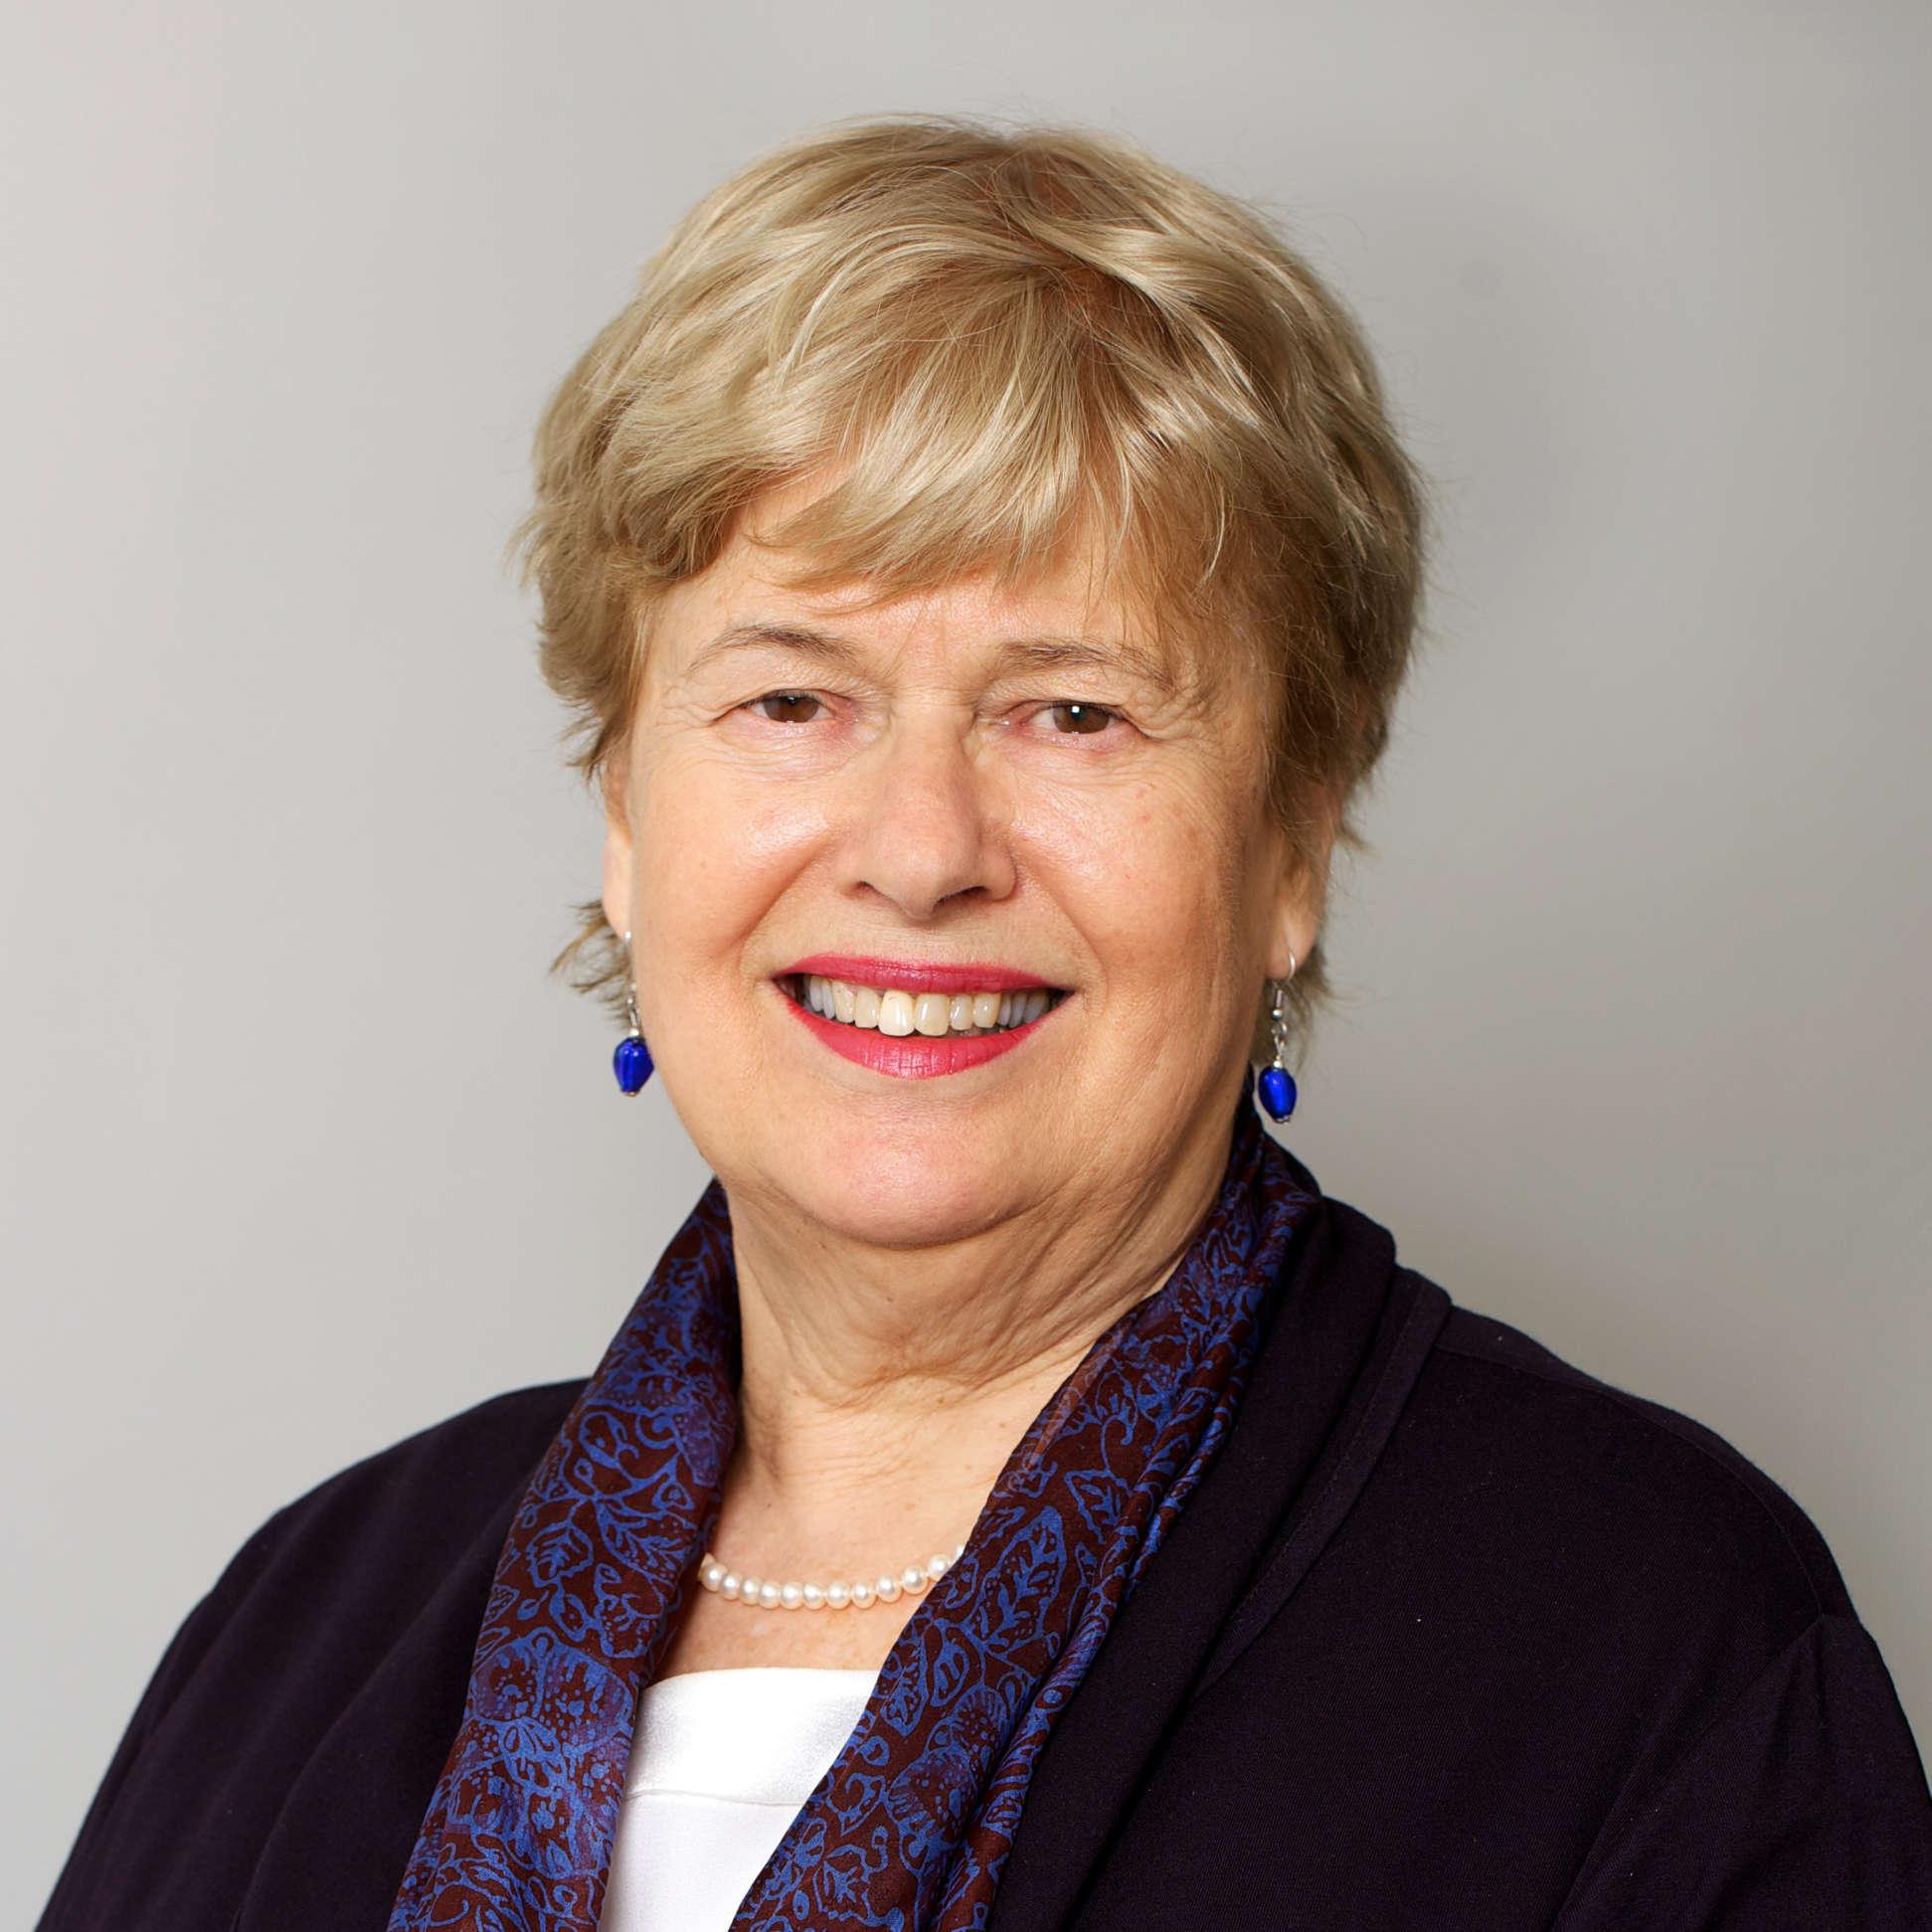 Headshot of Liz Jenkins